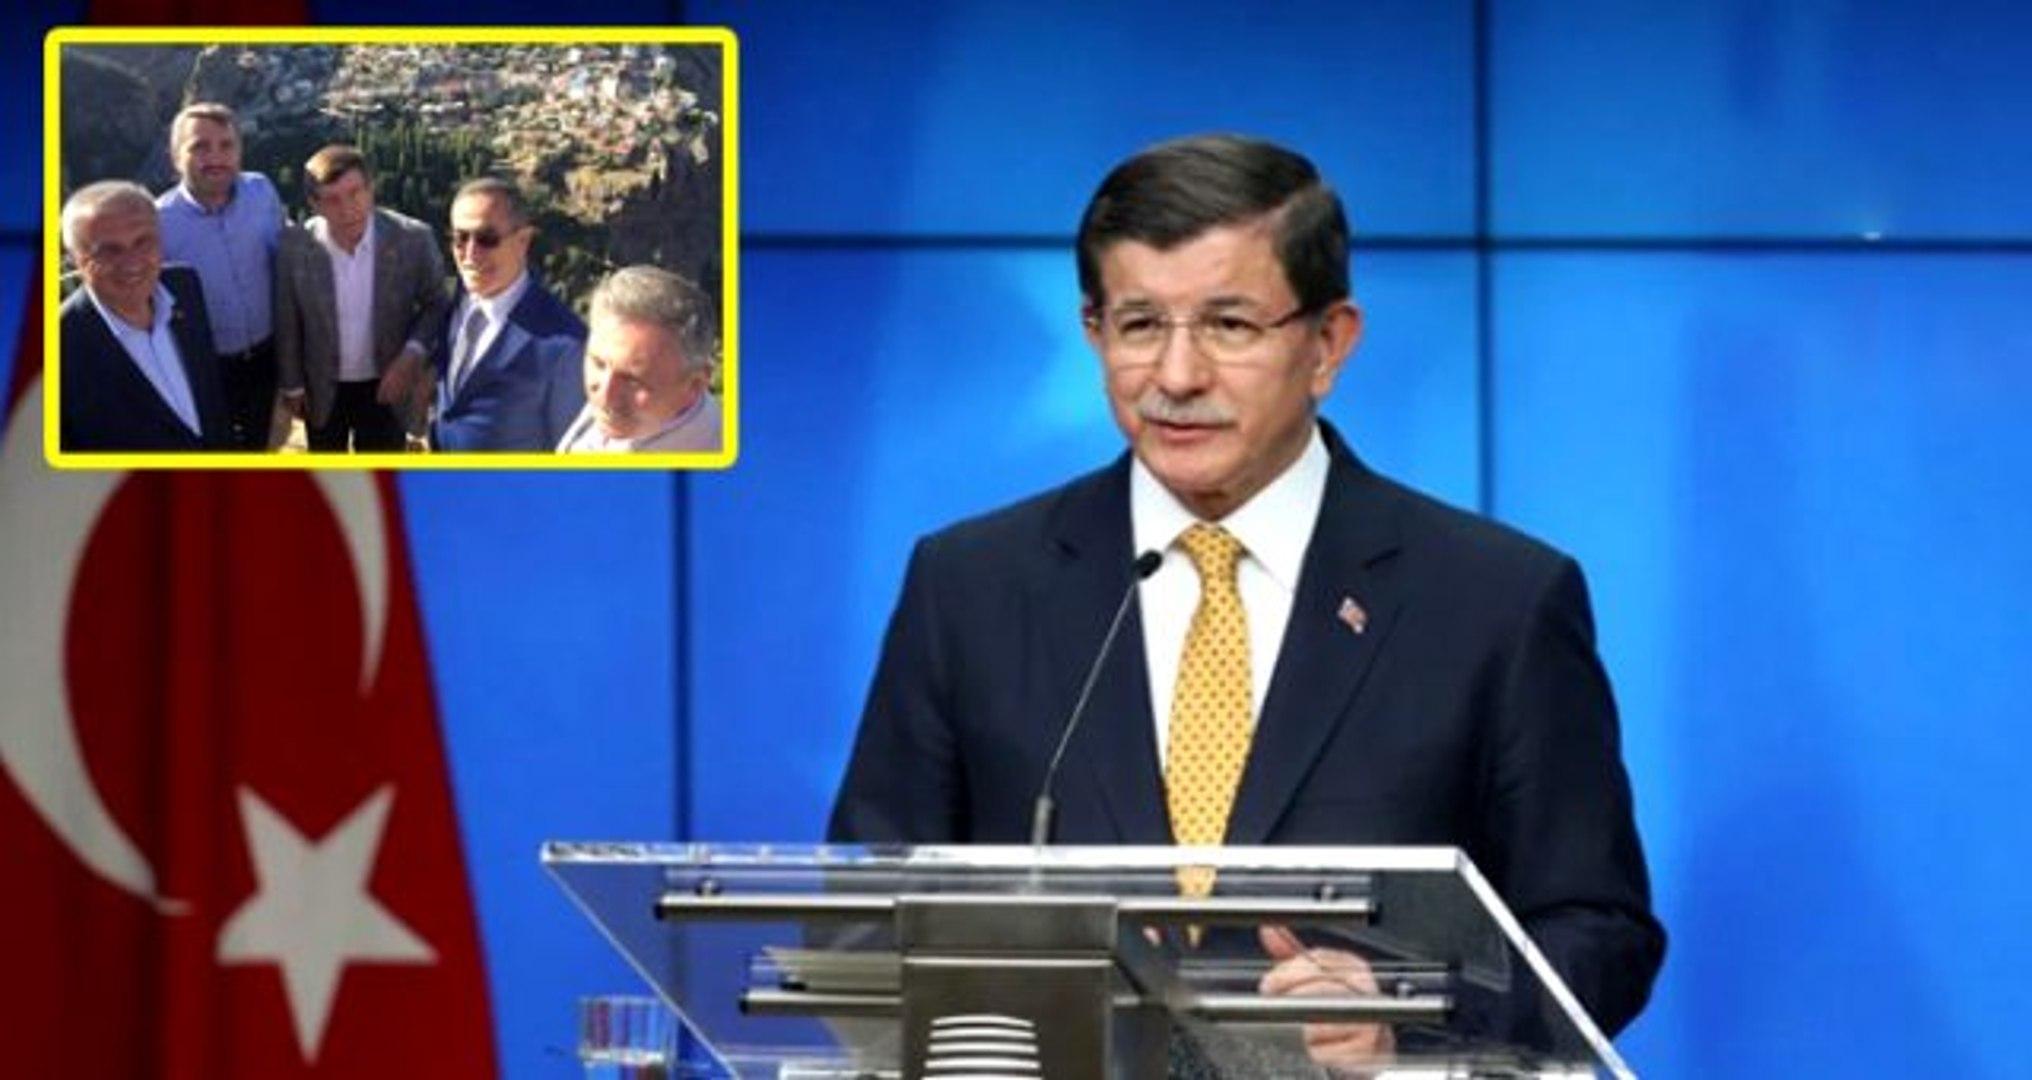 Parti kuracağı konuşulan Davutoğlu ile aynı karede görünen eski CHP'li vekil: İfşa oldum